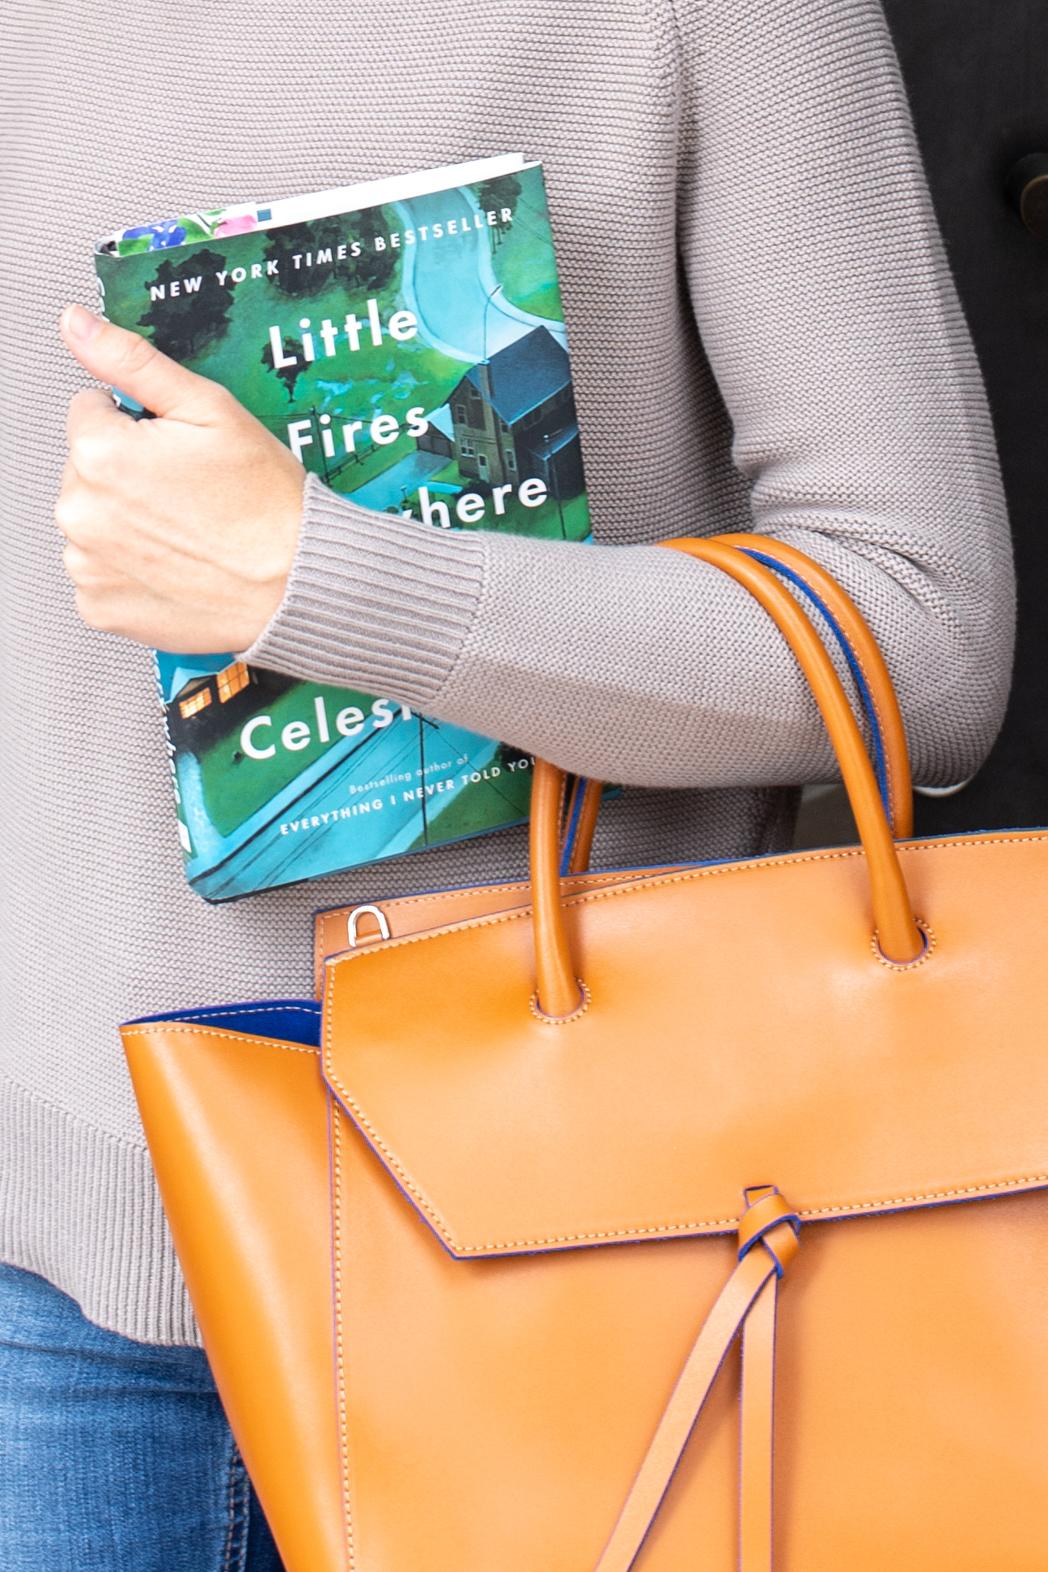 Stacie Flinner Halsbrook Summer Reading List-1.jpg